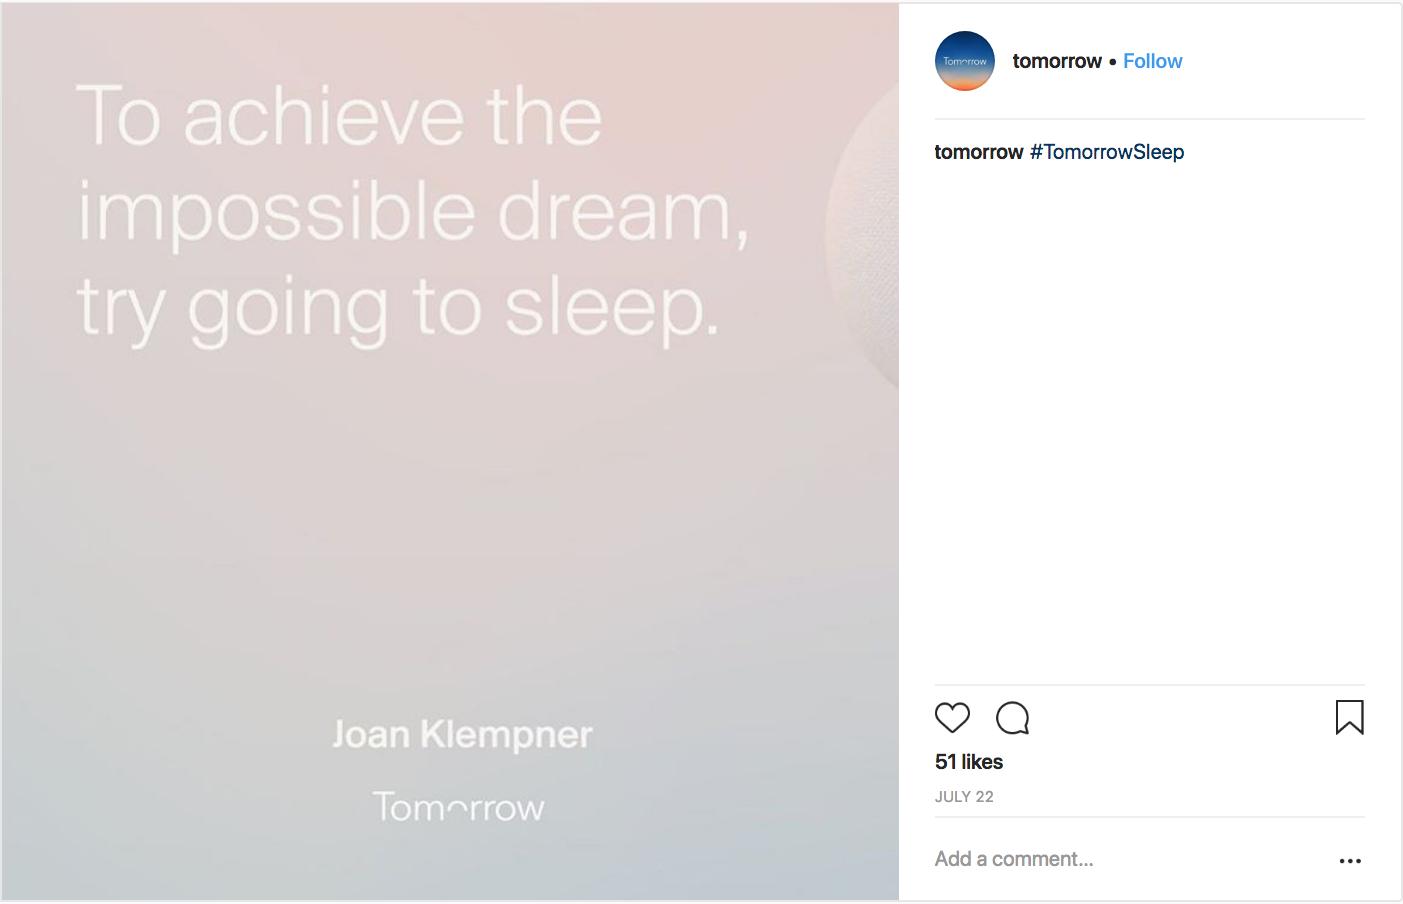 © Tomorrow Sleep